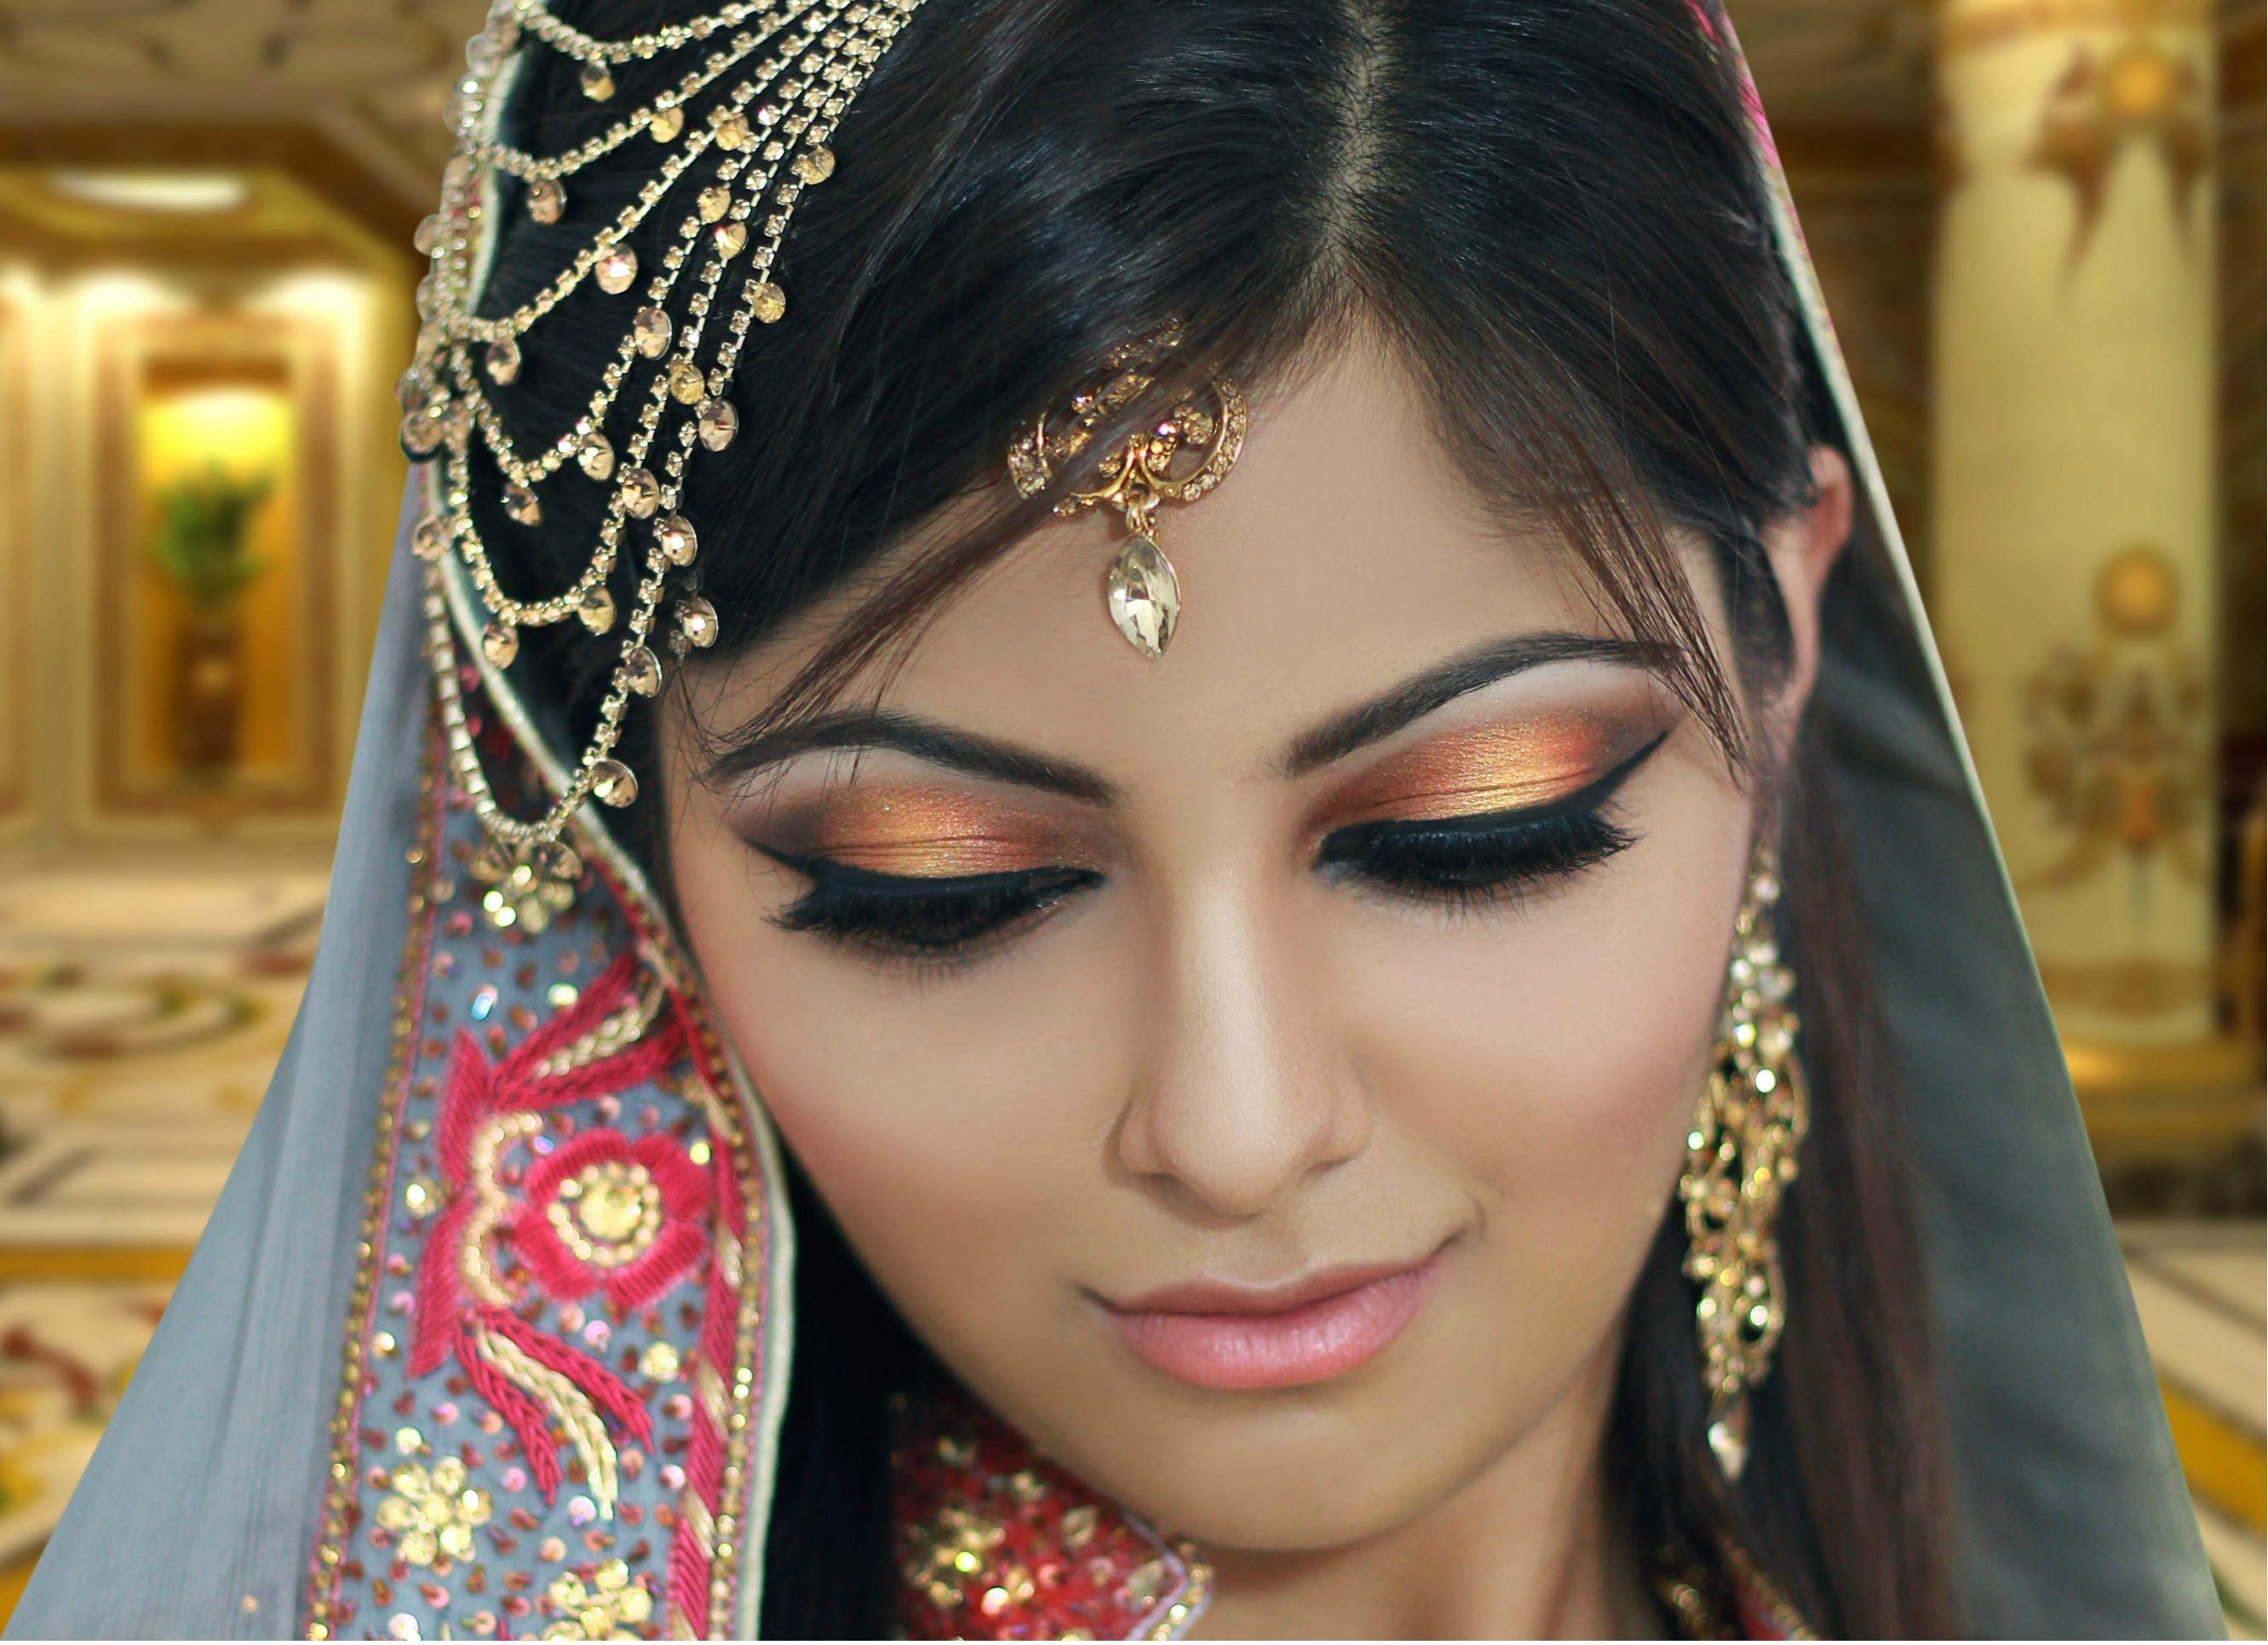 Mehndi Night Makeup : Gold and peach mehndi makeup tutorial indian bridal asian